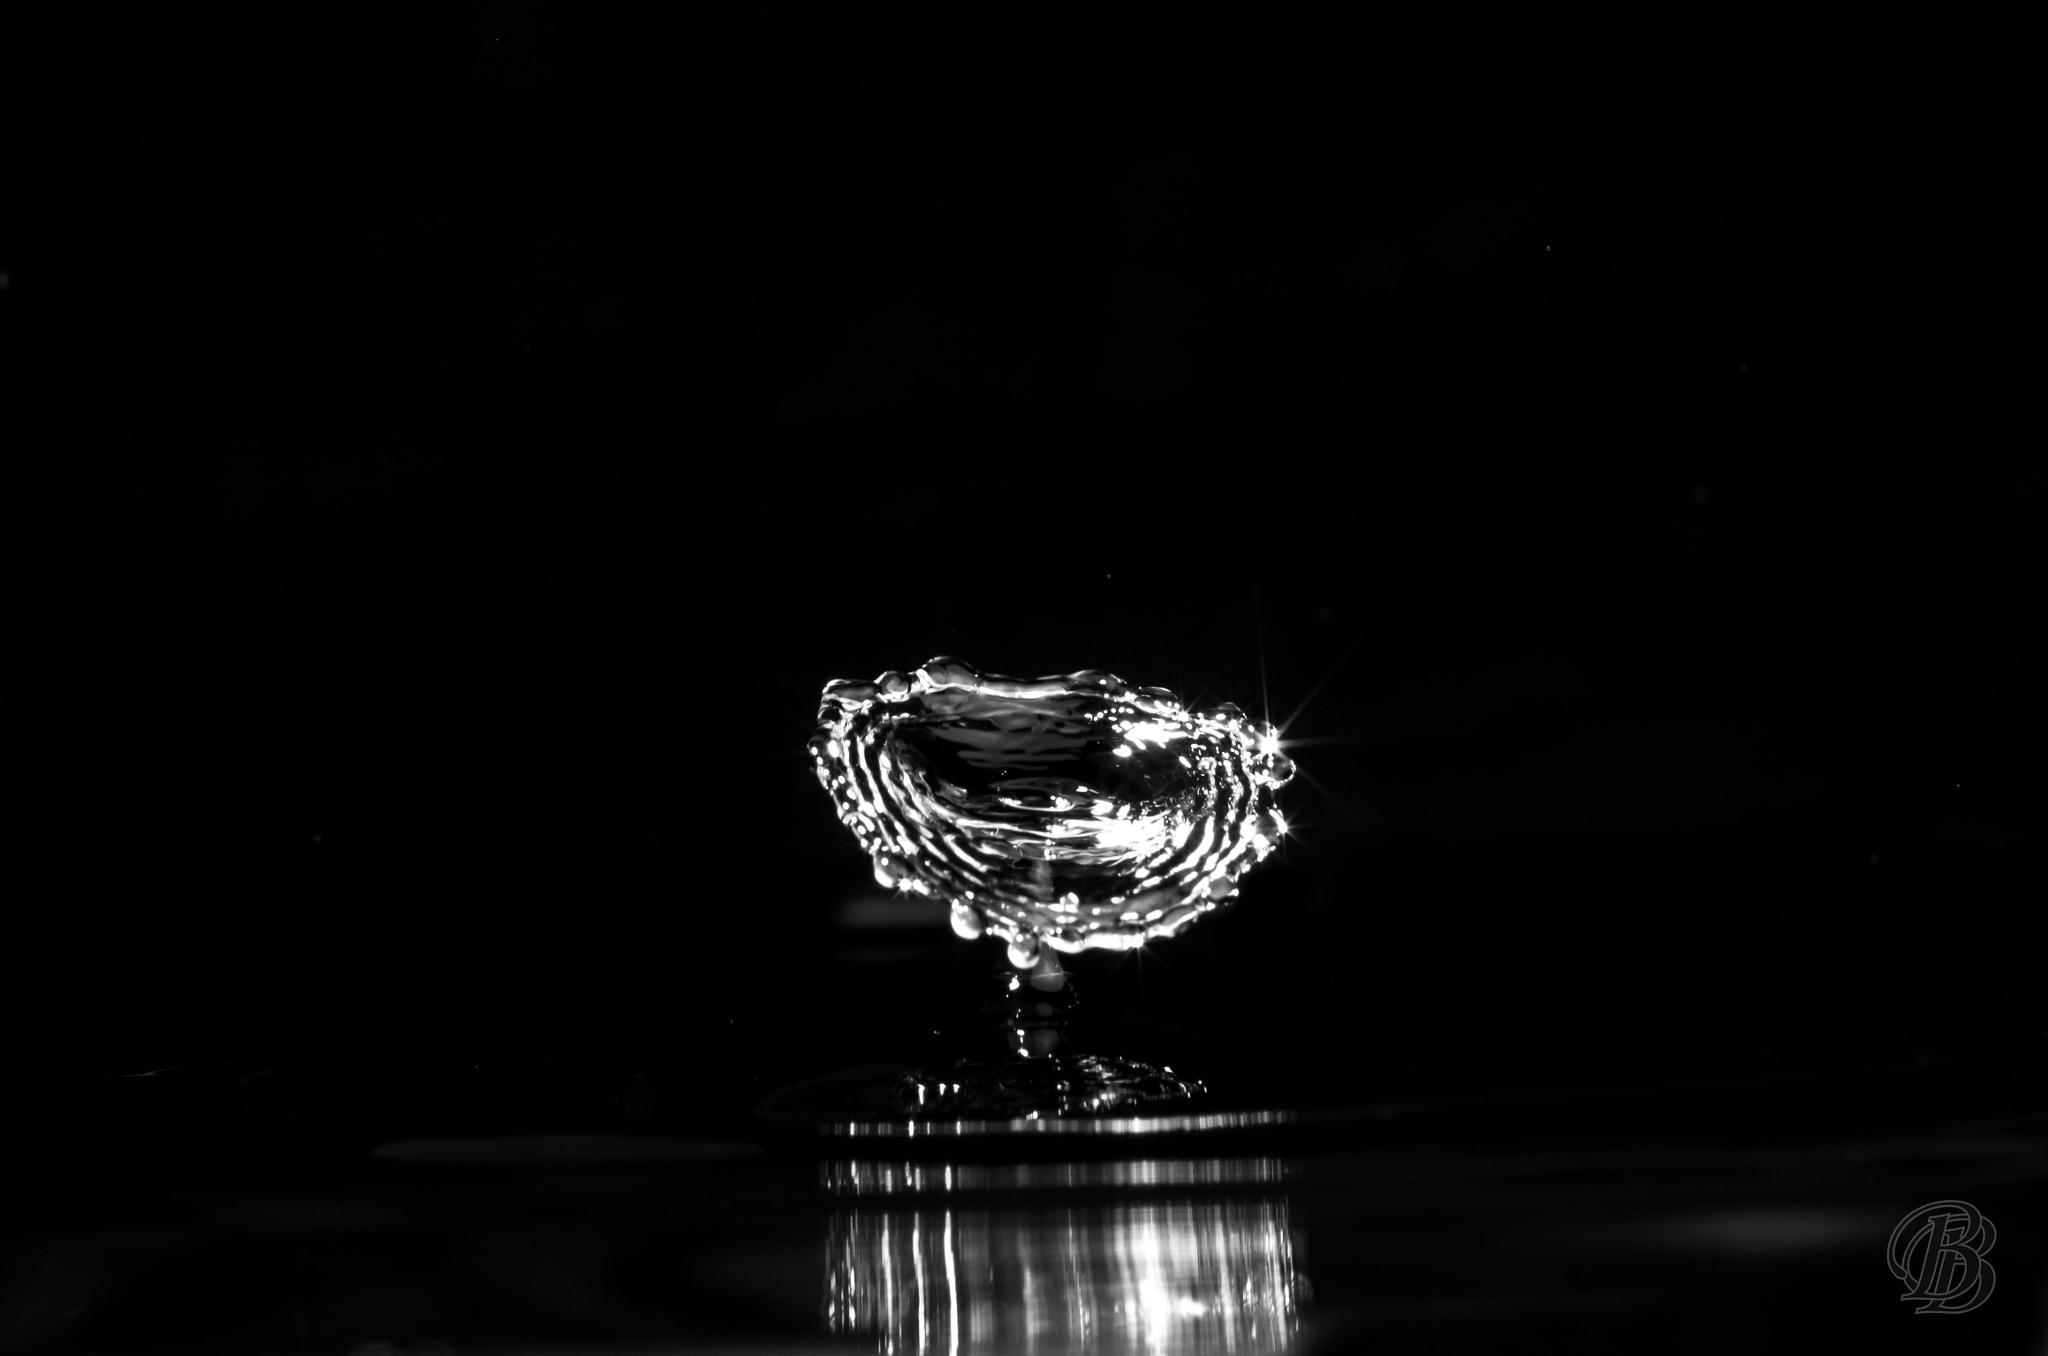 drops in b&w by BorisLinder